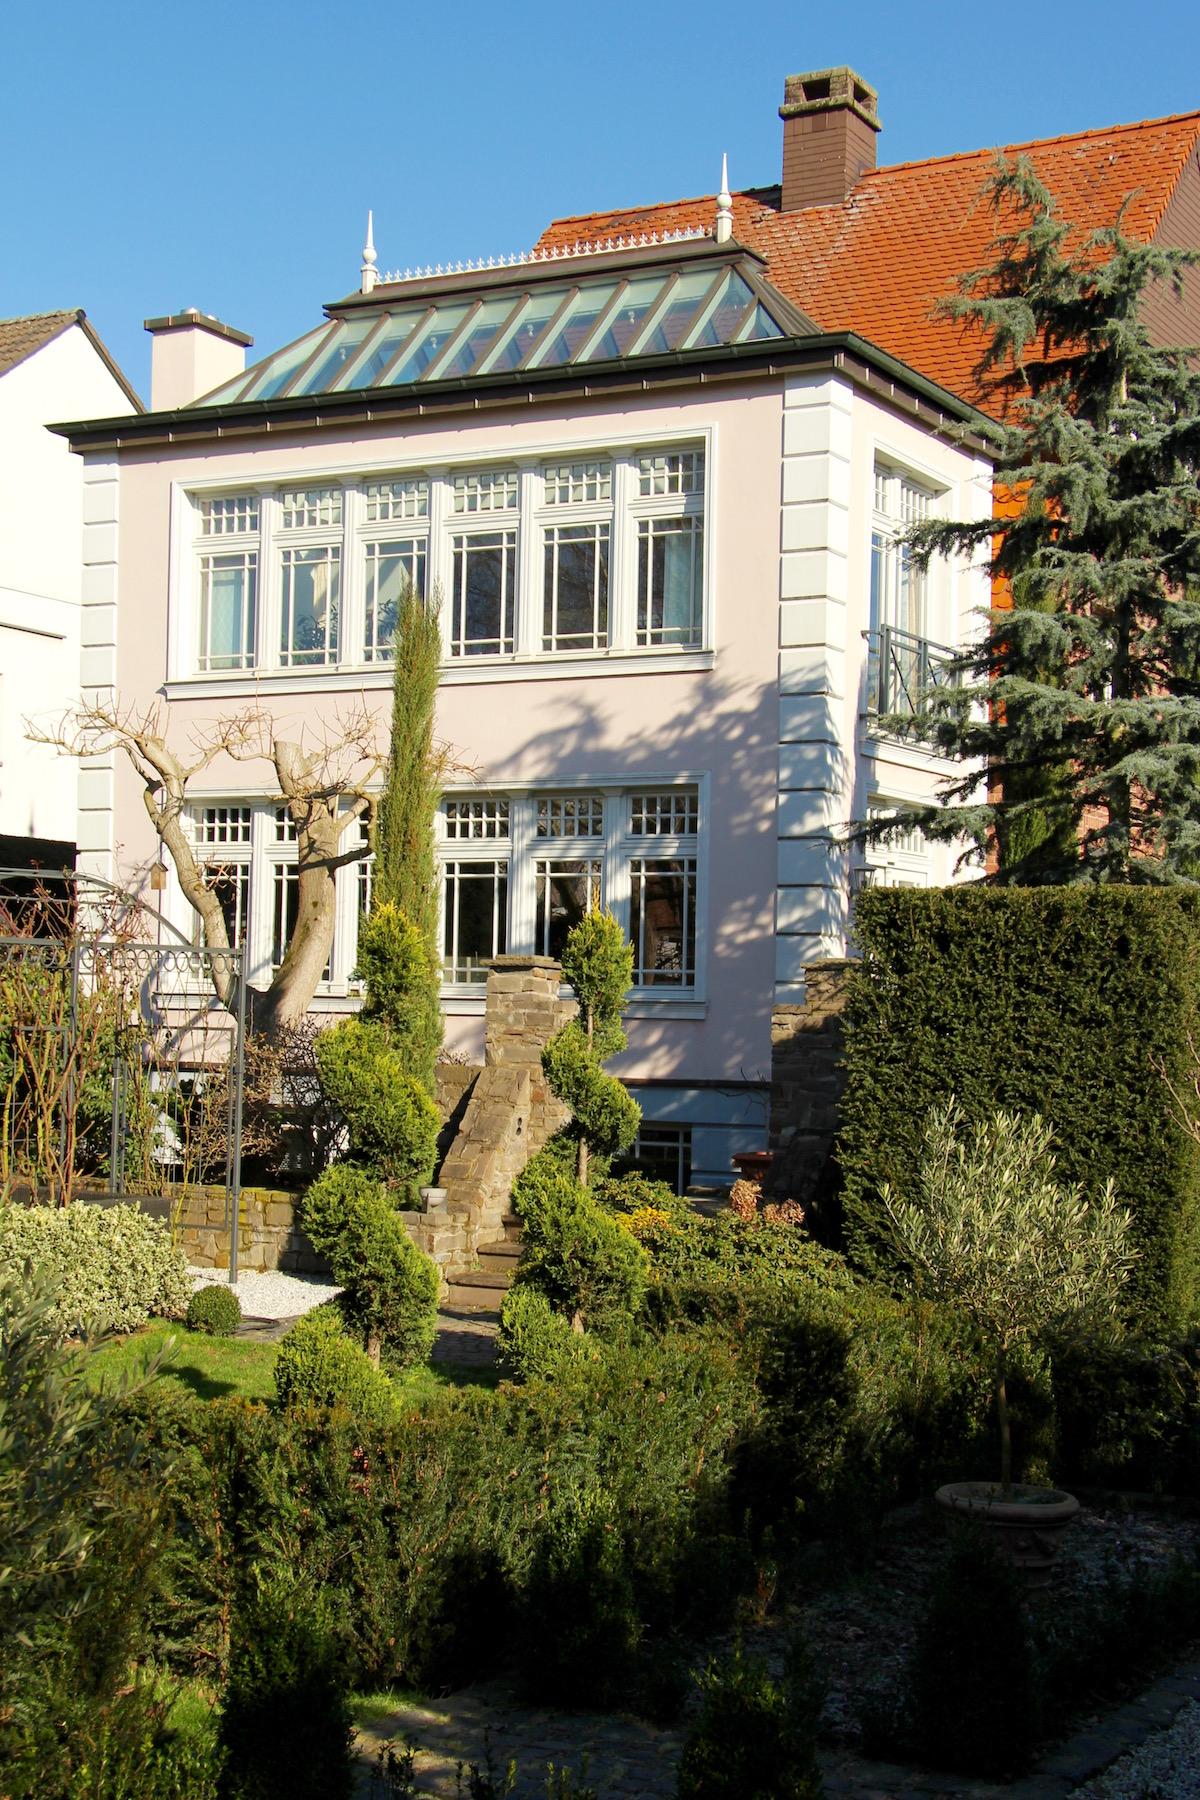 Englische Wintergärten Preise jc exklusive wintergärten klassische wintergärten im britischen